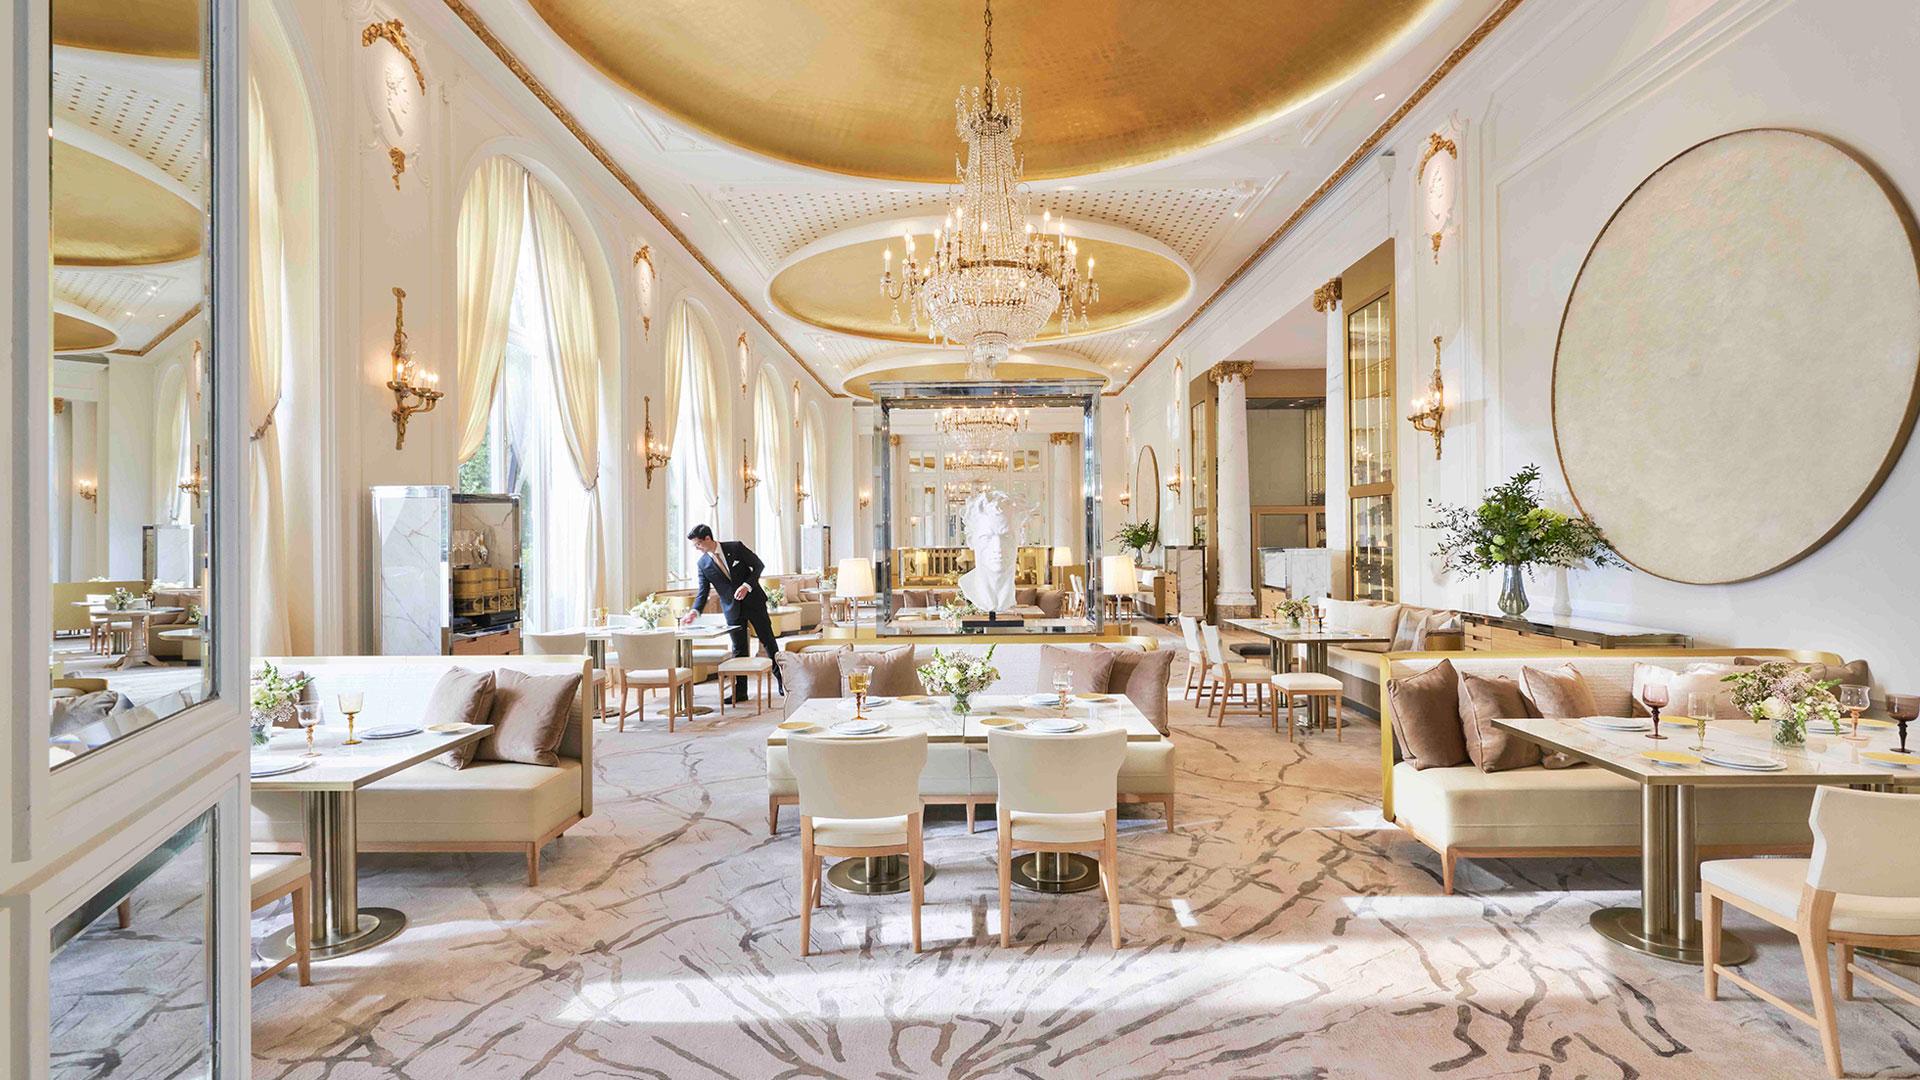 Imagen del Hotel Ritz